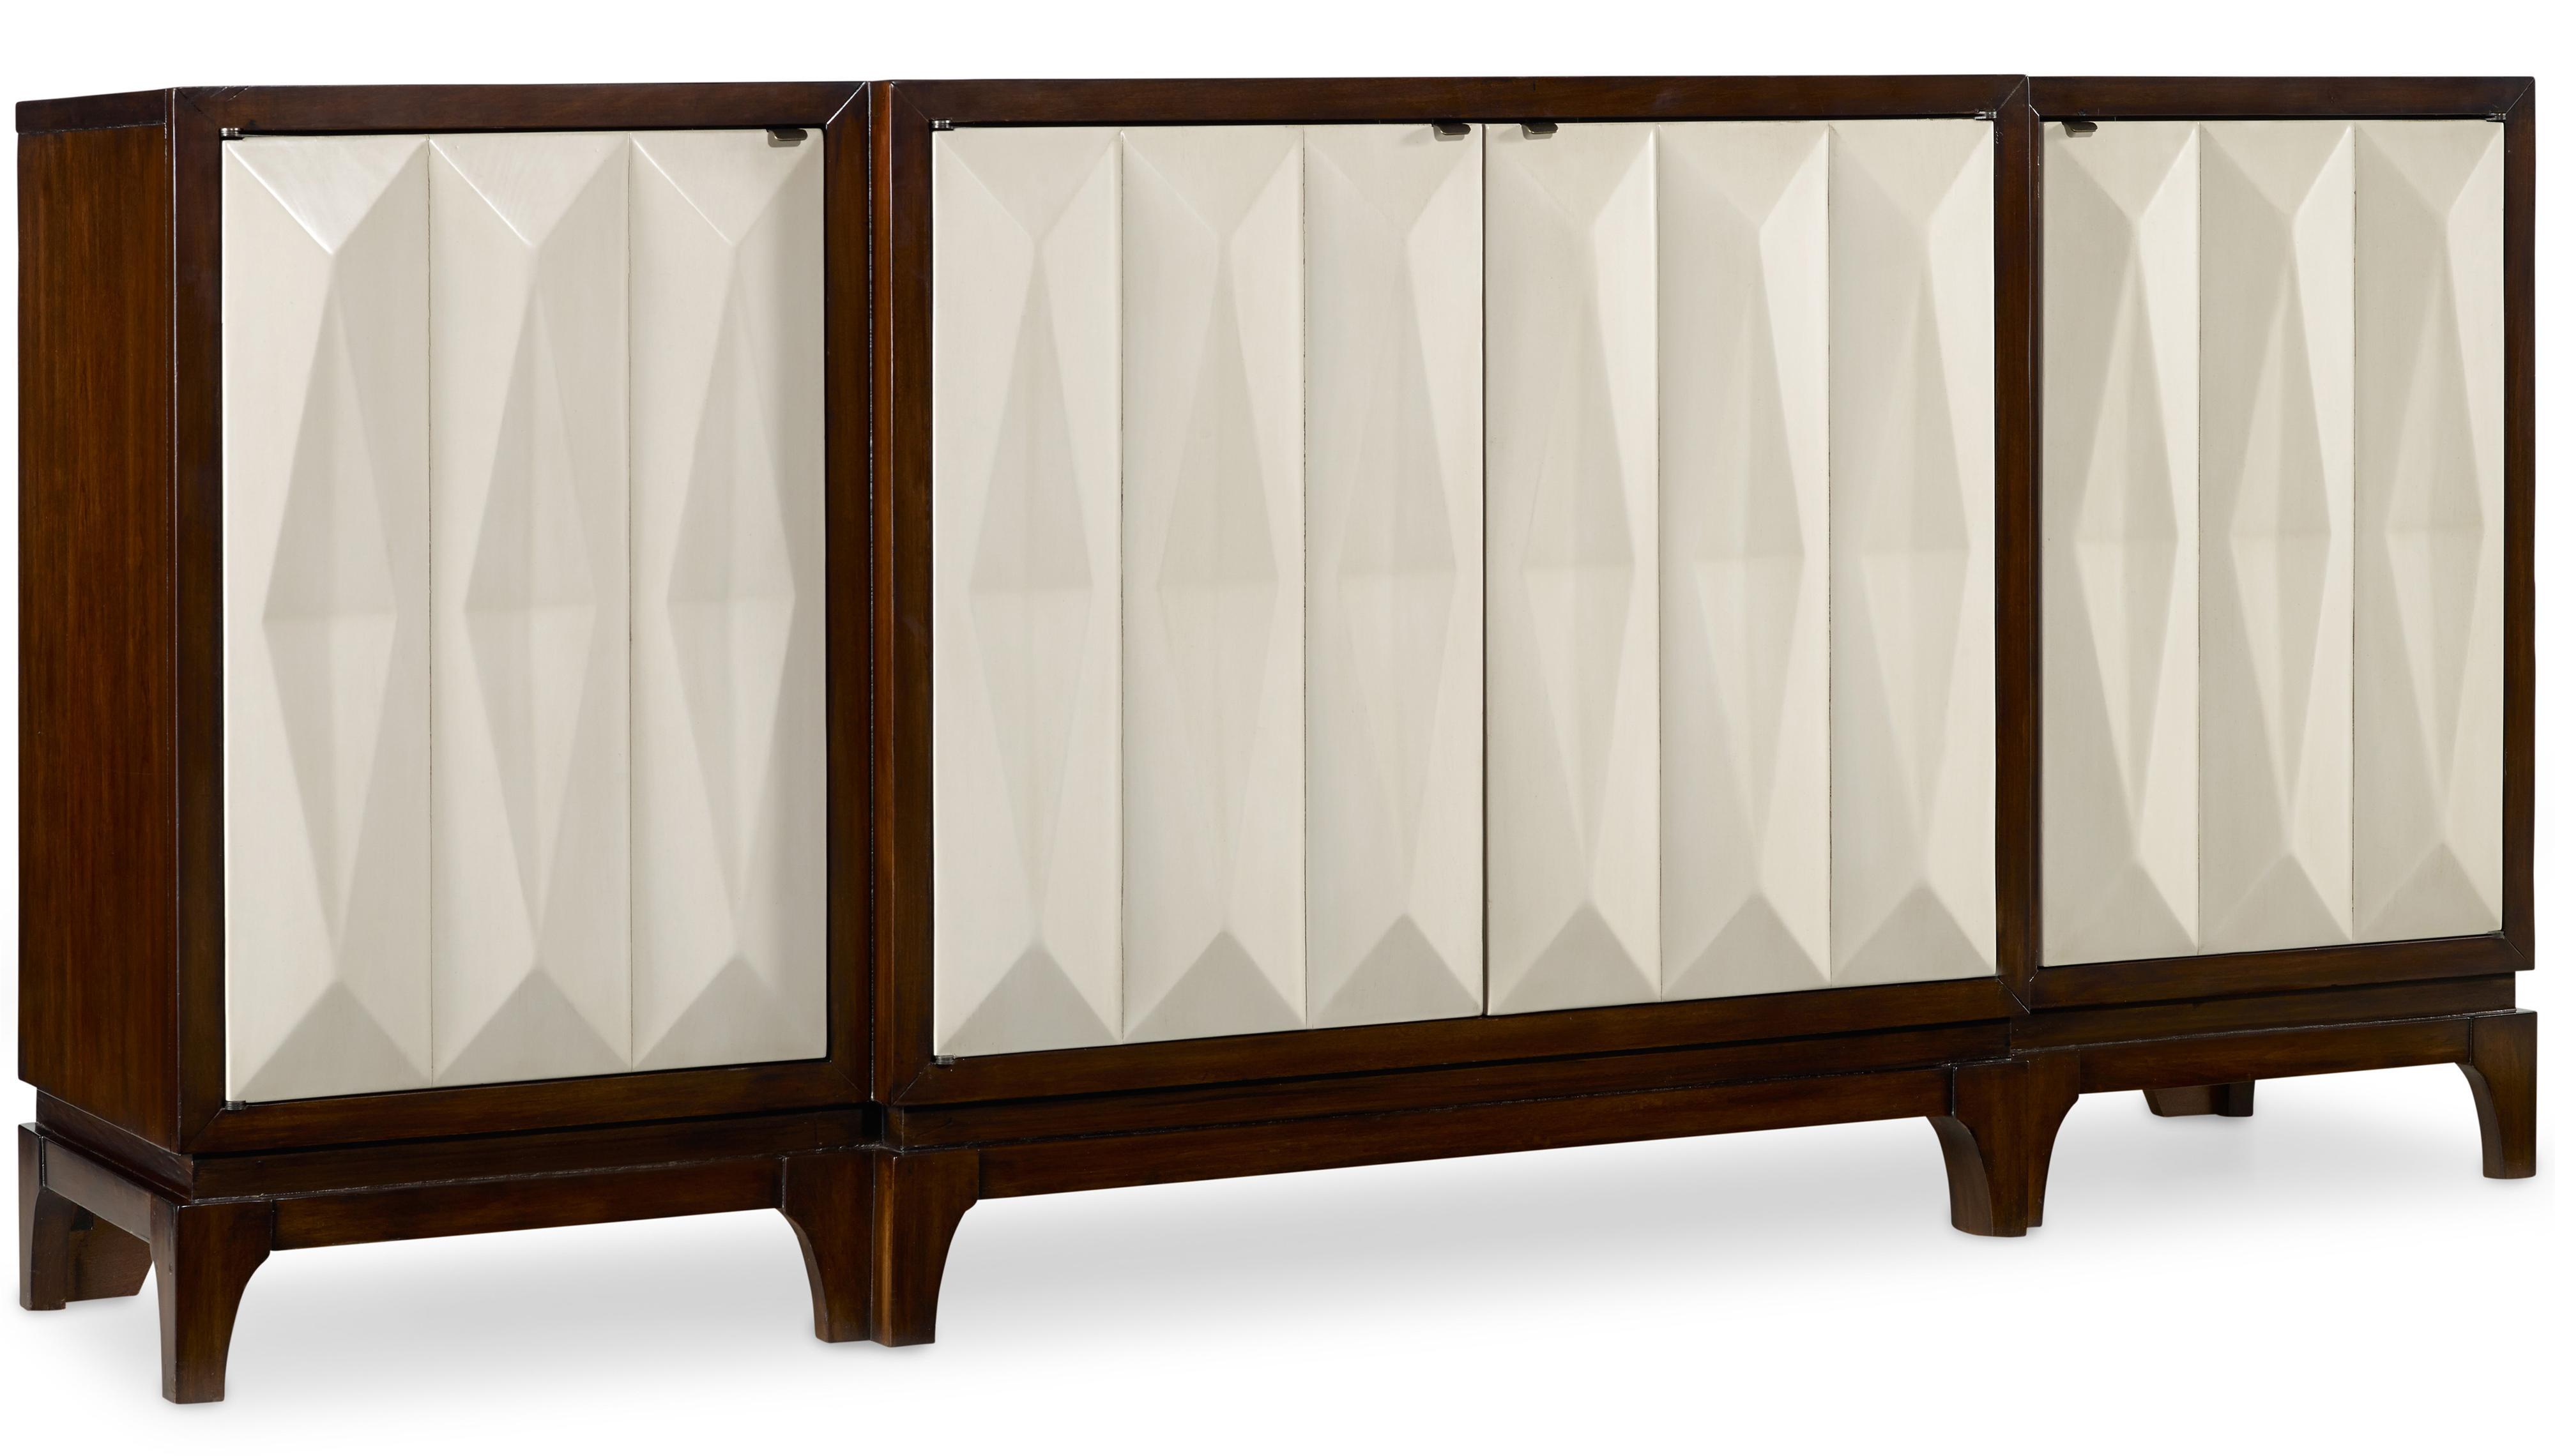 Hooker Furniture Mélange Traviata Credenza - Item Number: 638-85088